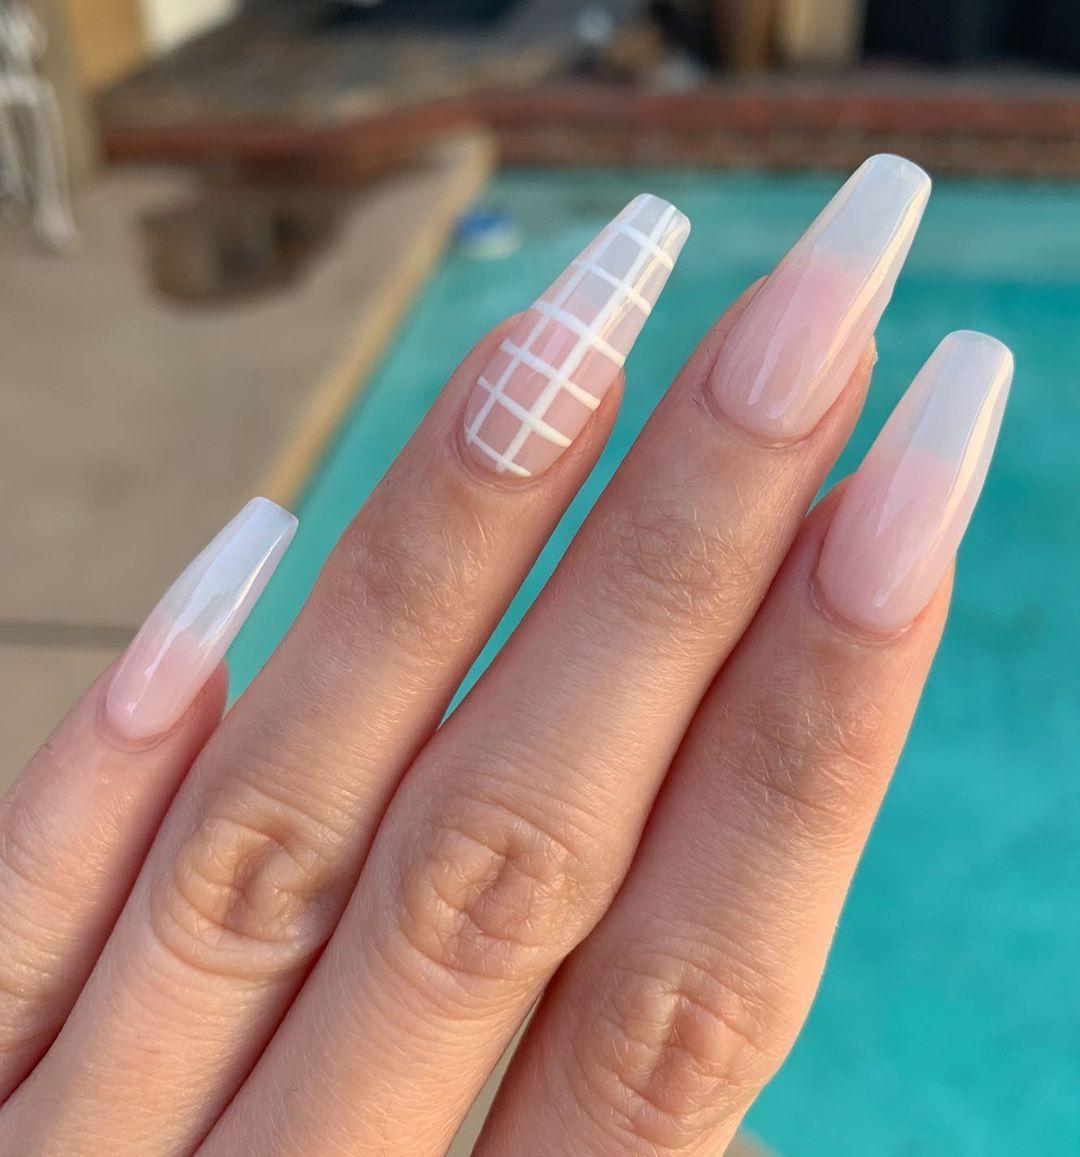 Diy Fake Nails At Home No Acrylic Easy Lasts 3 Weeks Put Several Coats Of Clear Polish On Prior To Filing B In 2020 Fake Nails Diy Nails At Home Diy Acrylic Nails